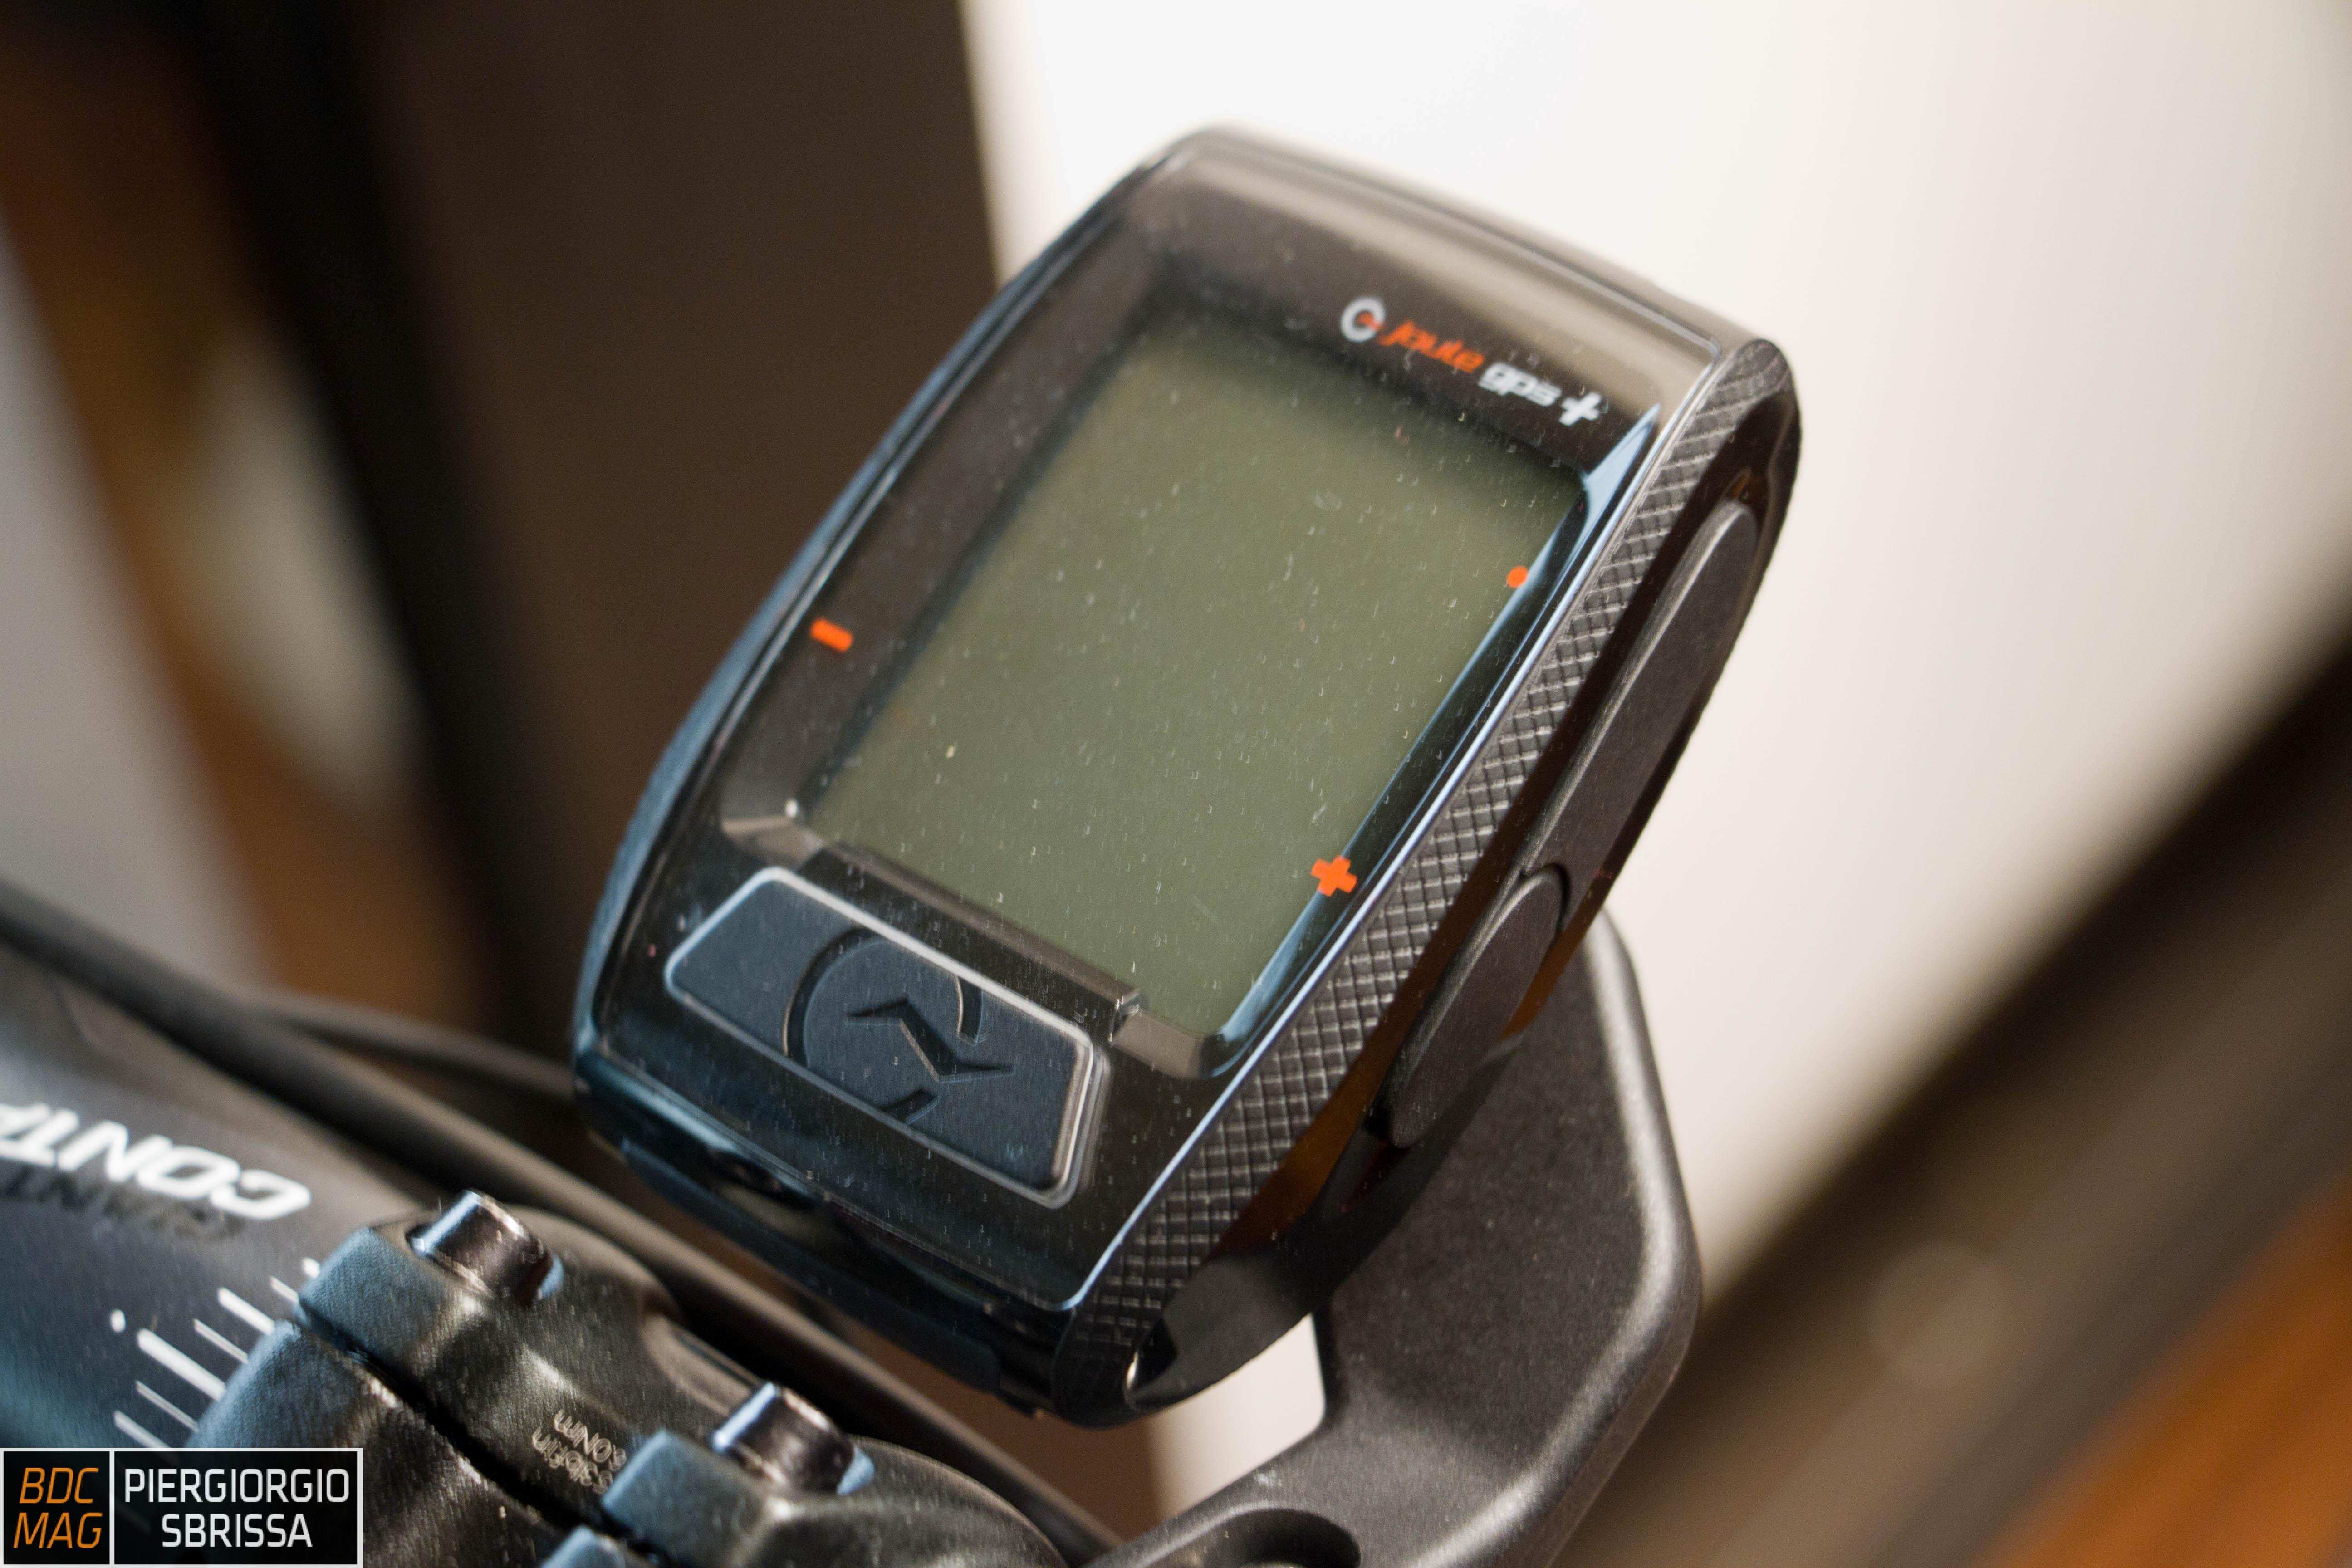 [Test] Powertap Joule GPS+